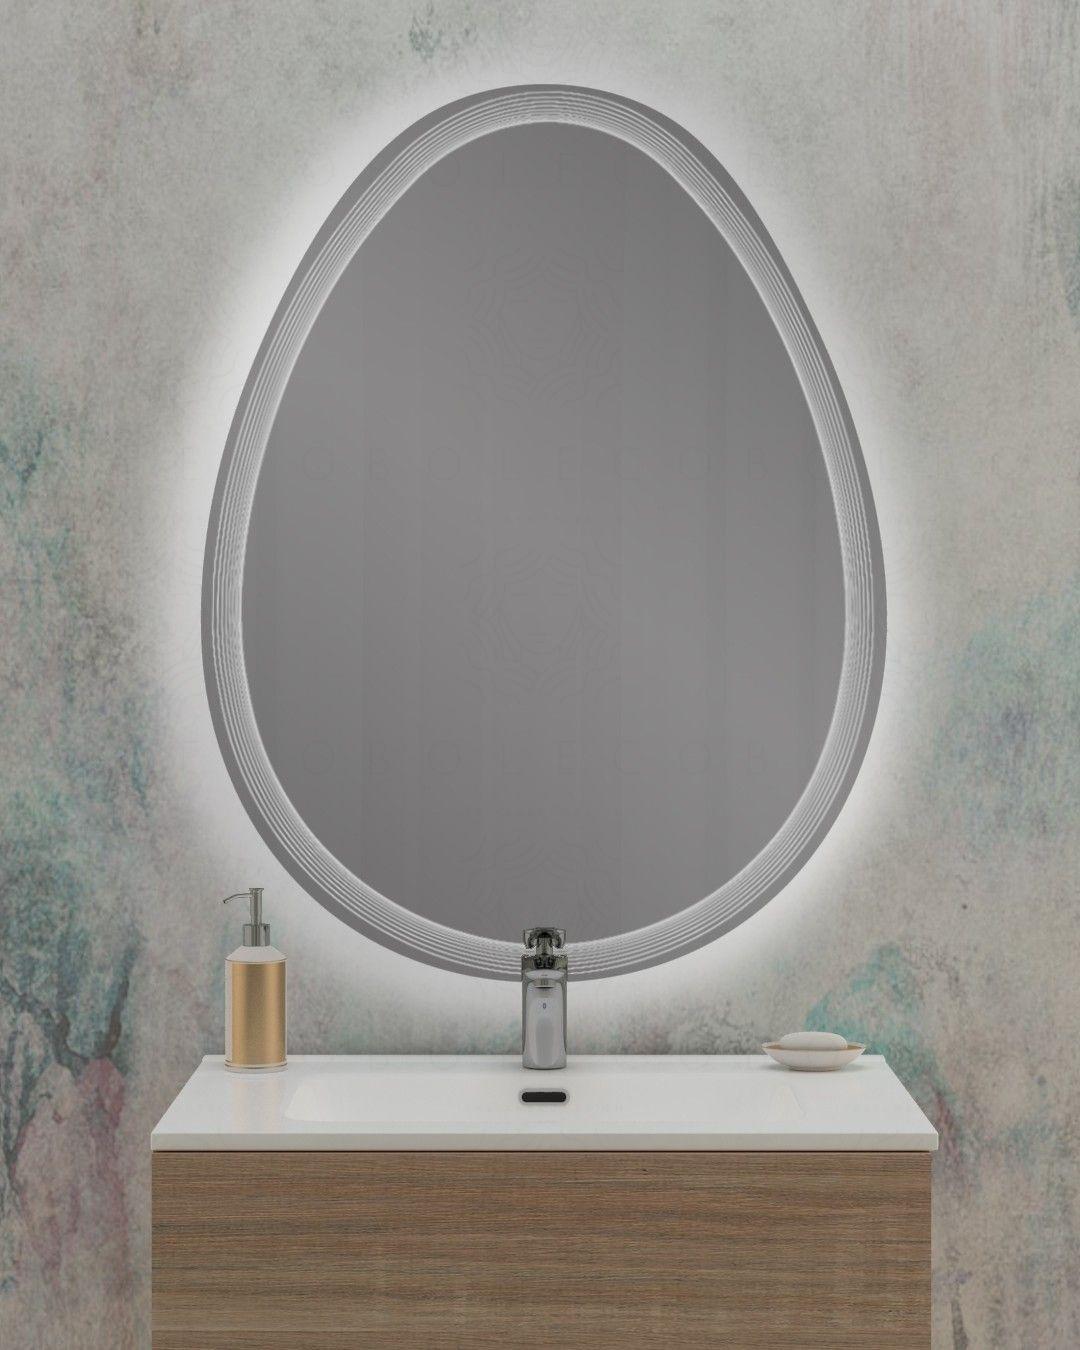 Specchio led ovale cm.75x98